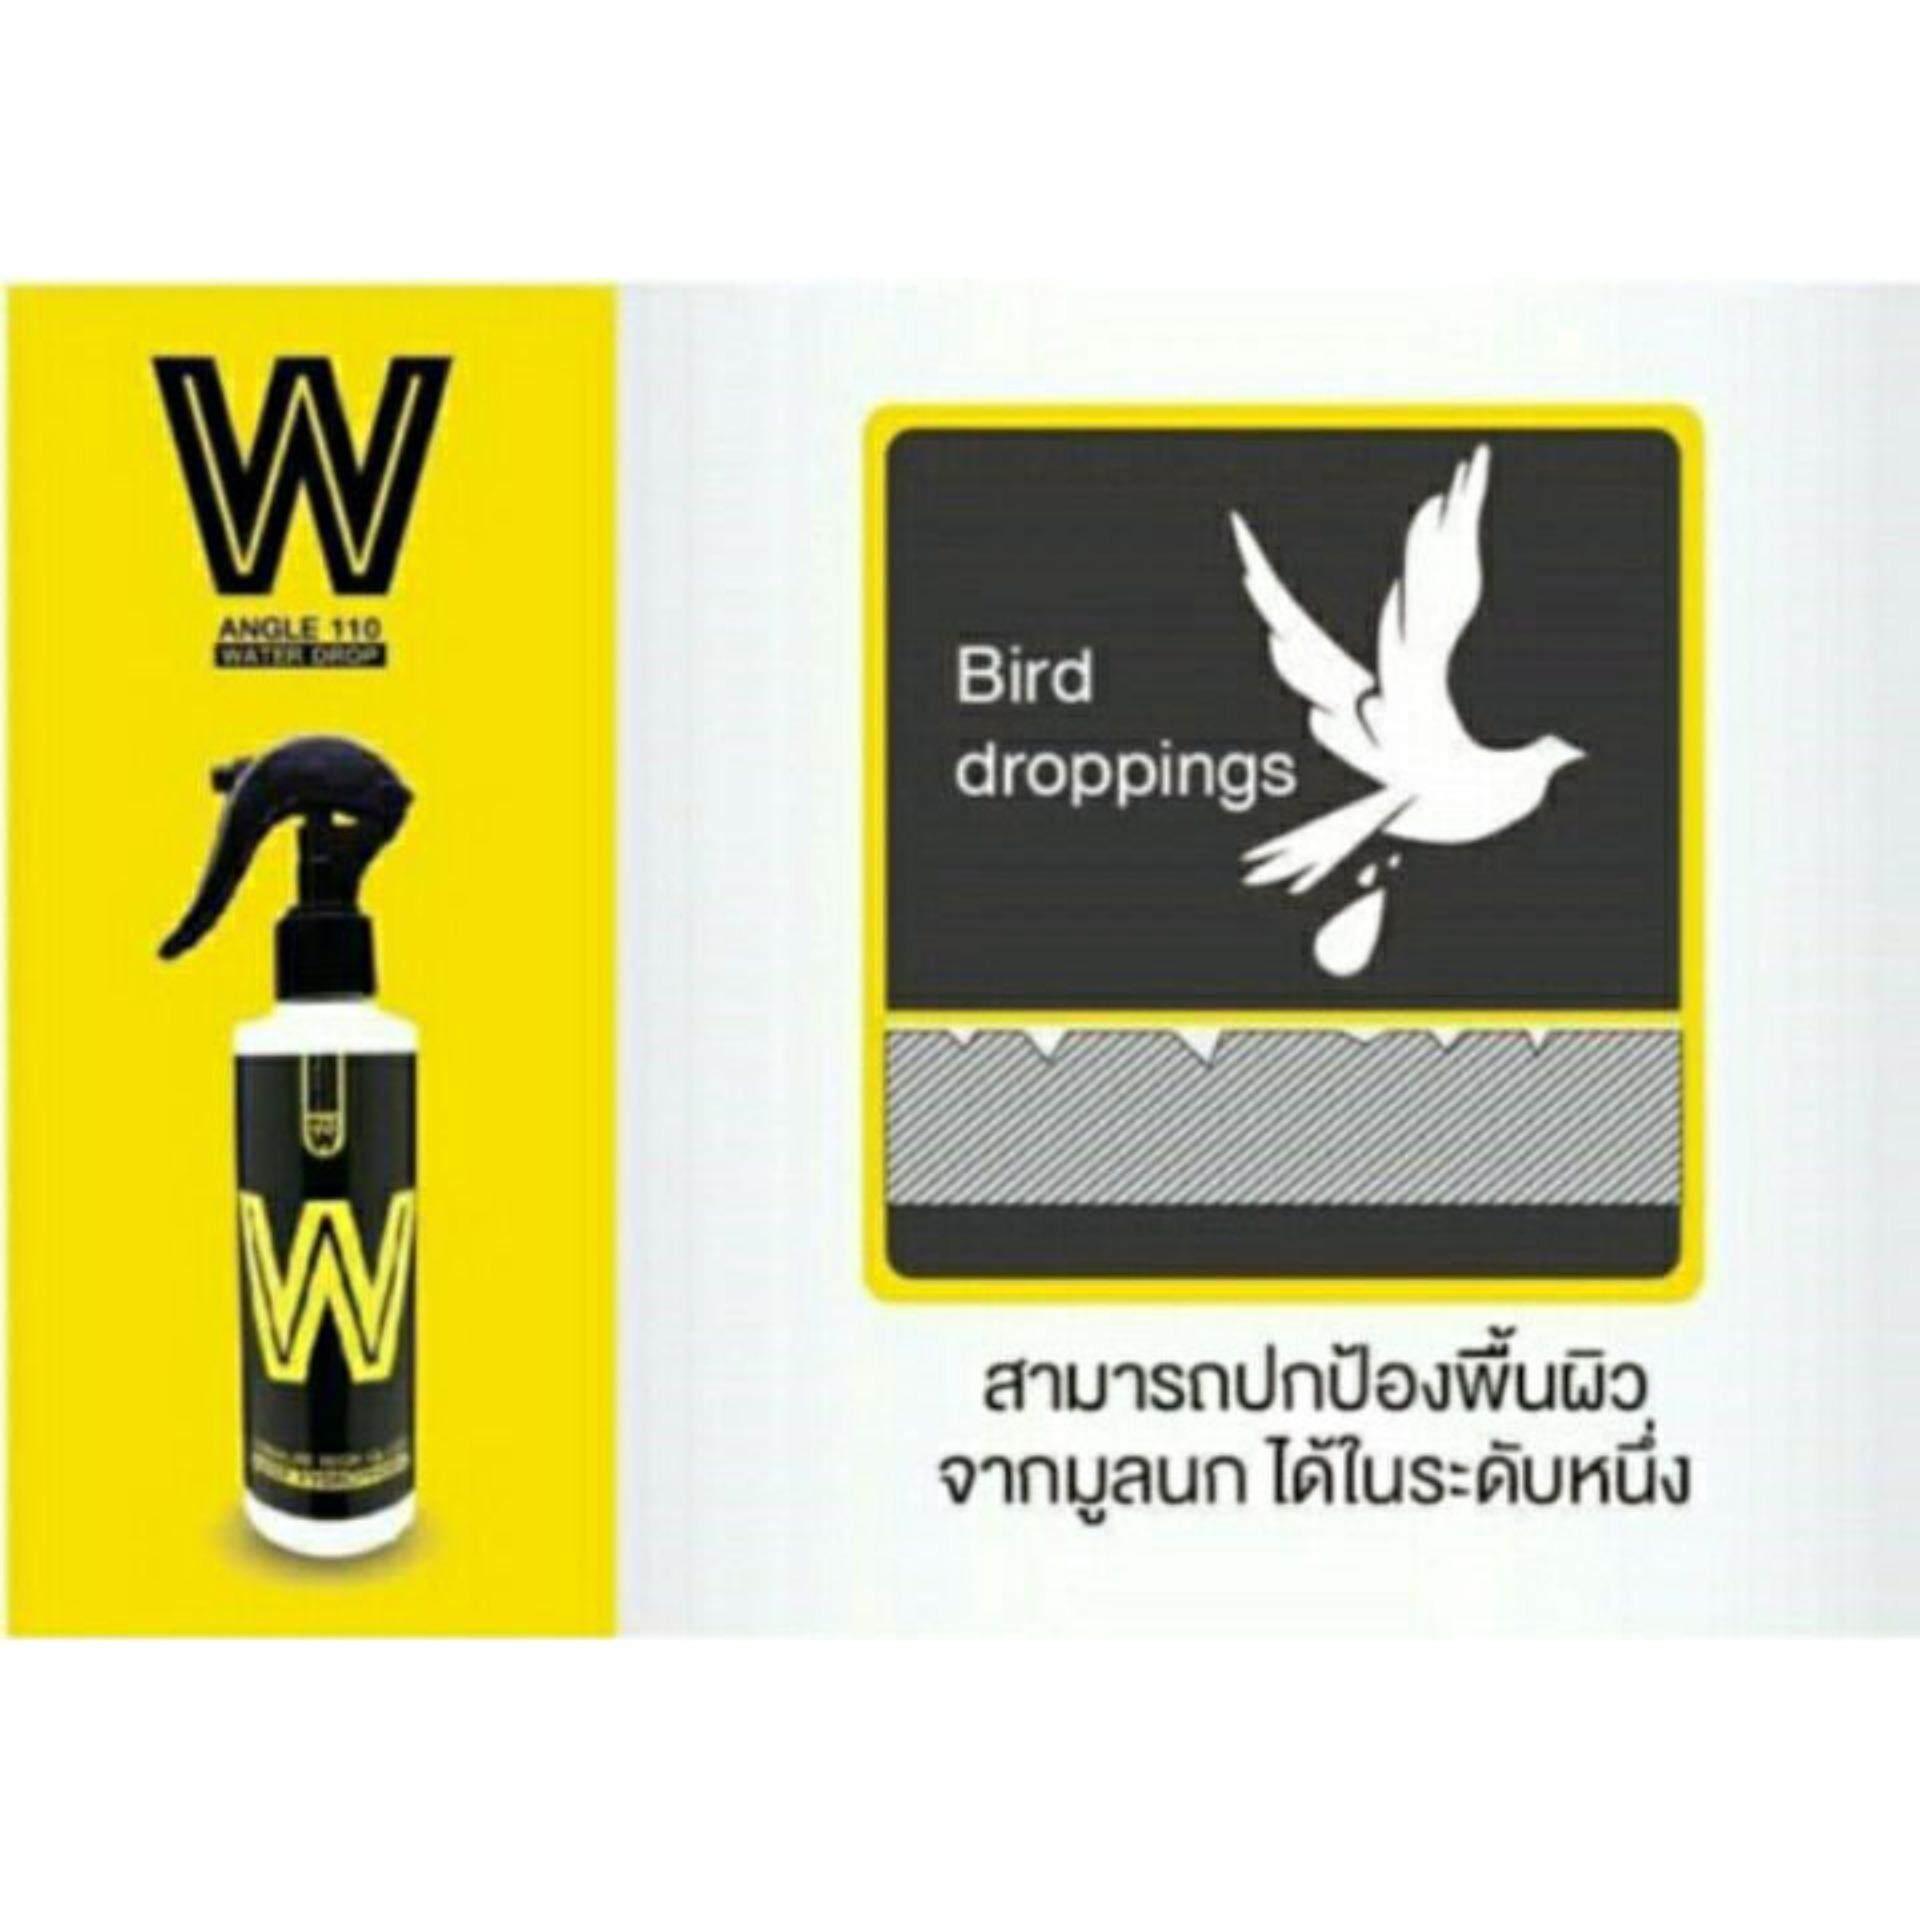 ขาย สเปรย์เคลือบฟิล์มแก้ว W Angle Wax ใน กรุงเทพมหานคร